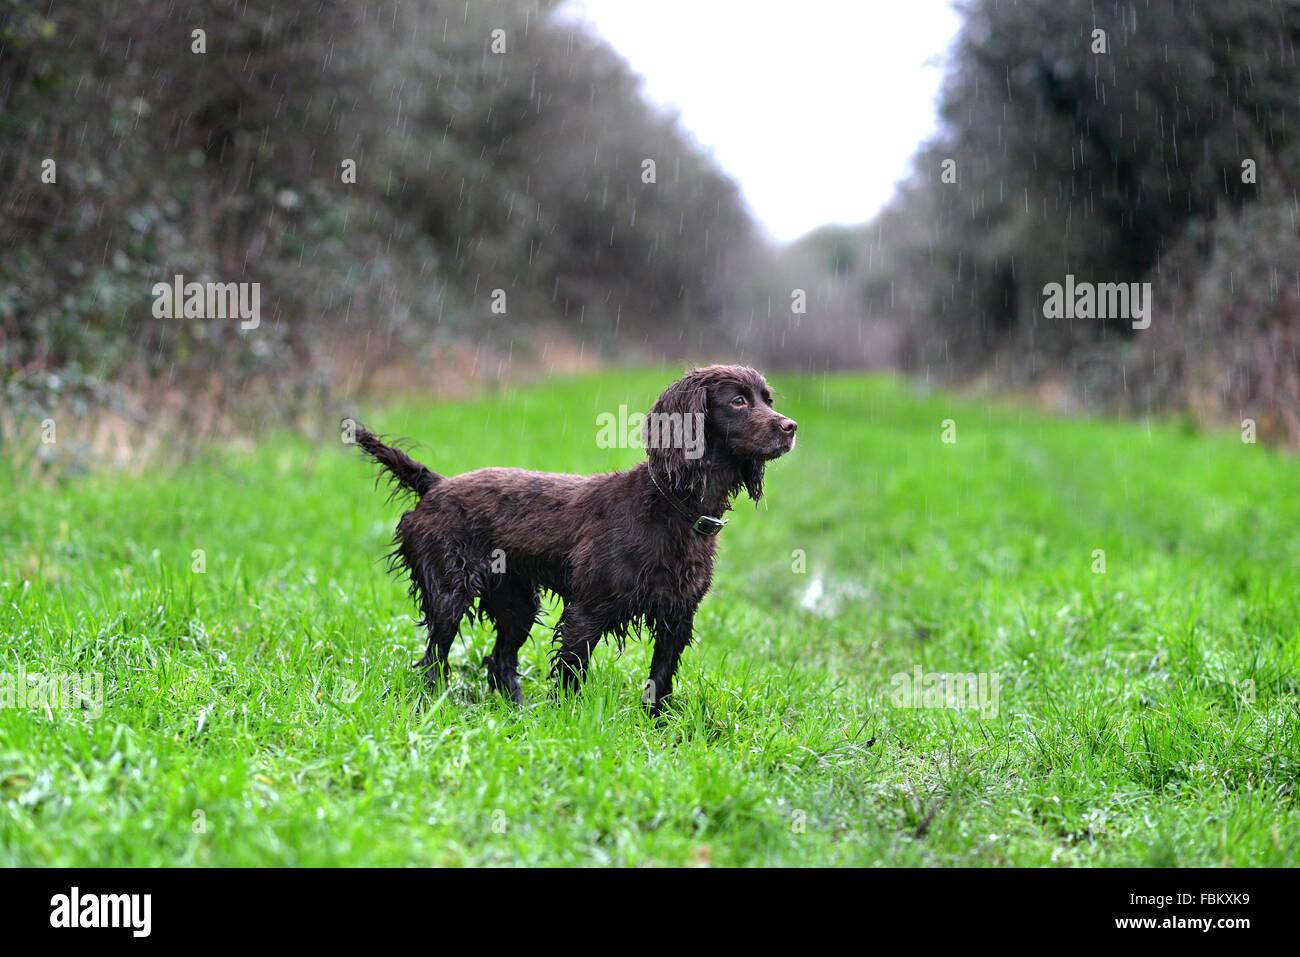 Wet cocker spaniel n the rain - Stock Image